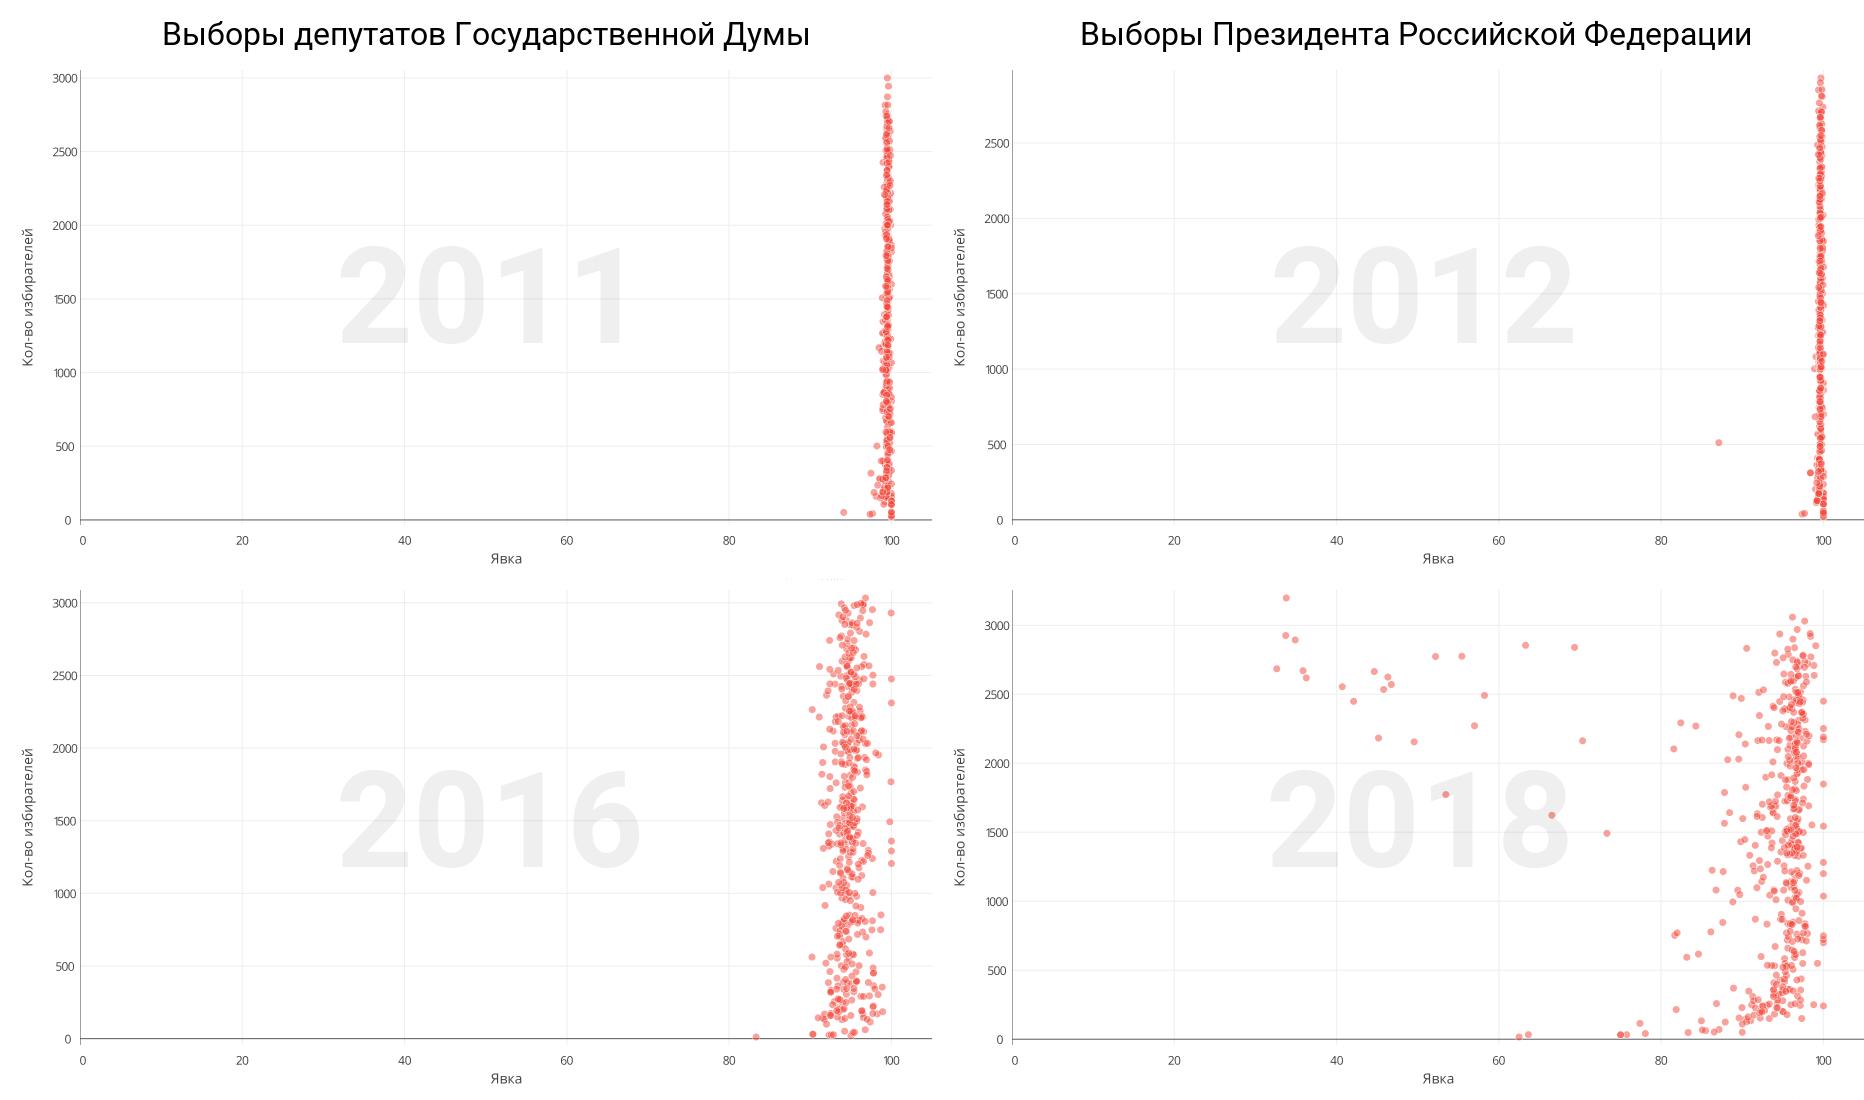 Анализ результатов президентских выборов 2018 года. На федеральном и региональном уровне - 11